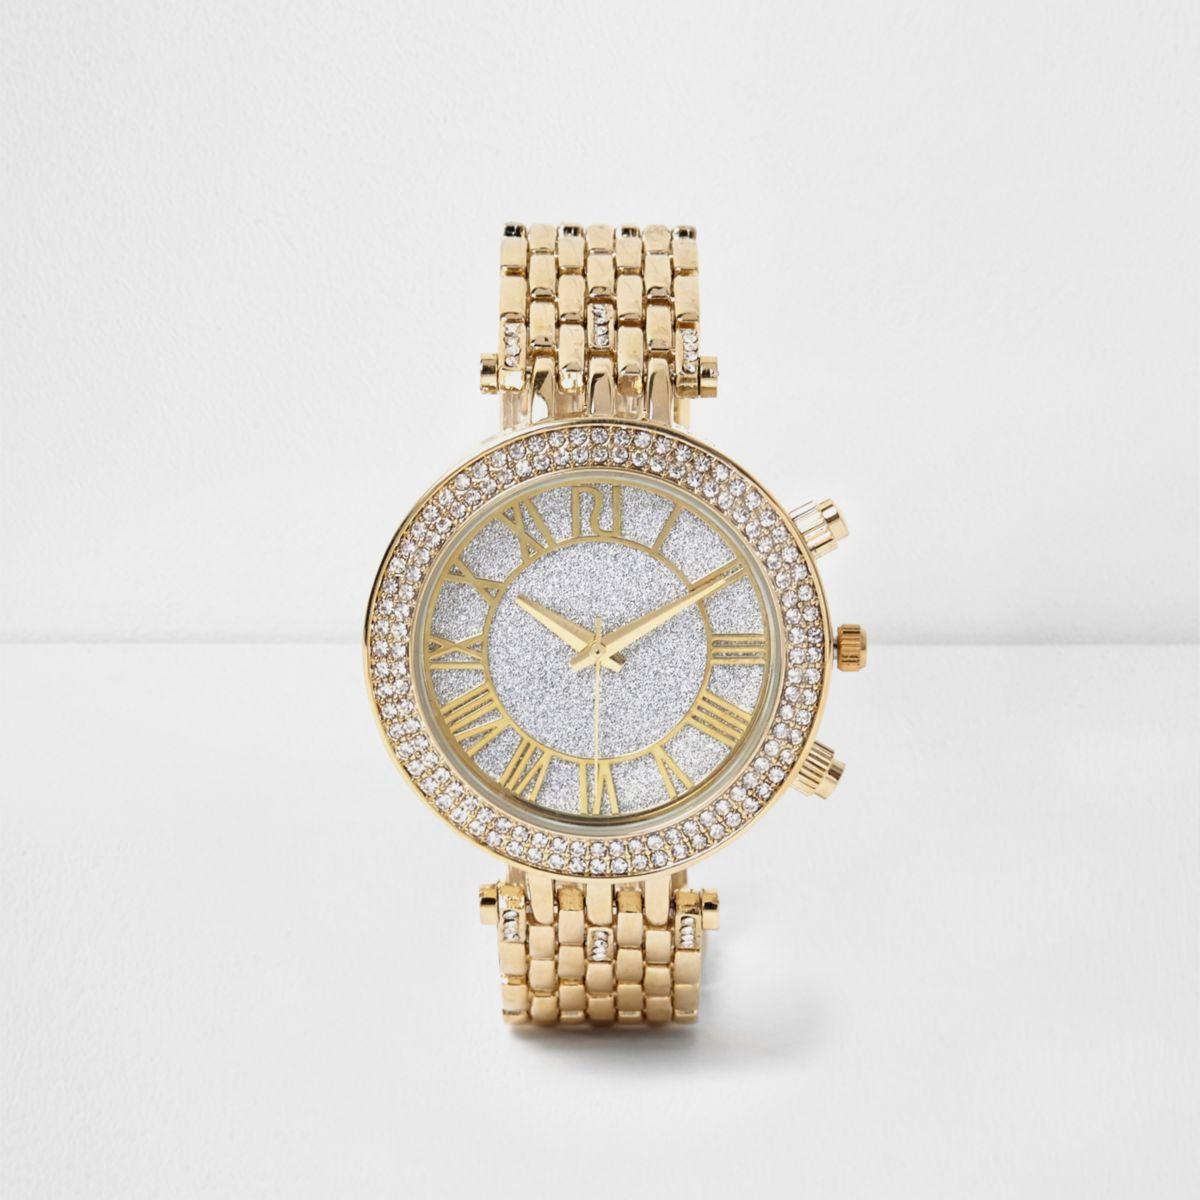 Goldene, strassverzierte Uhr